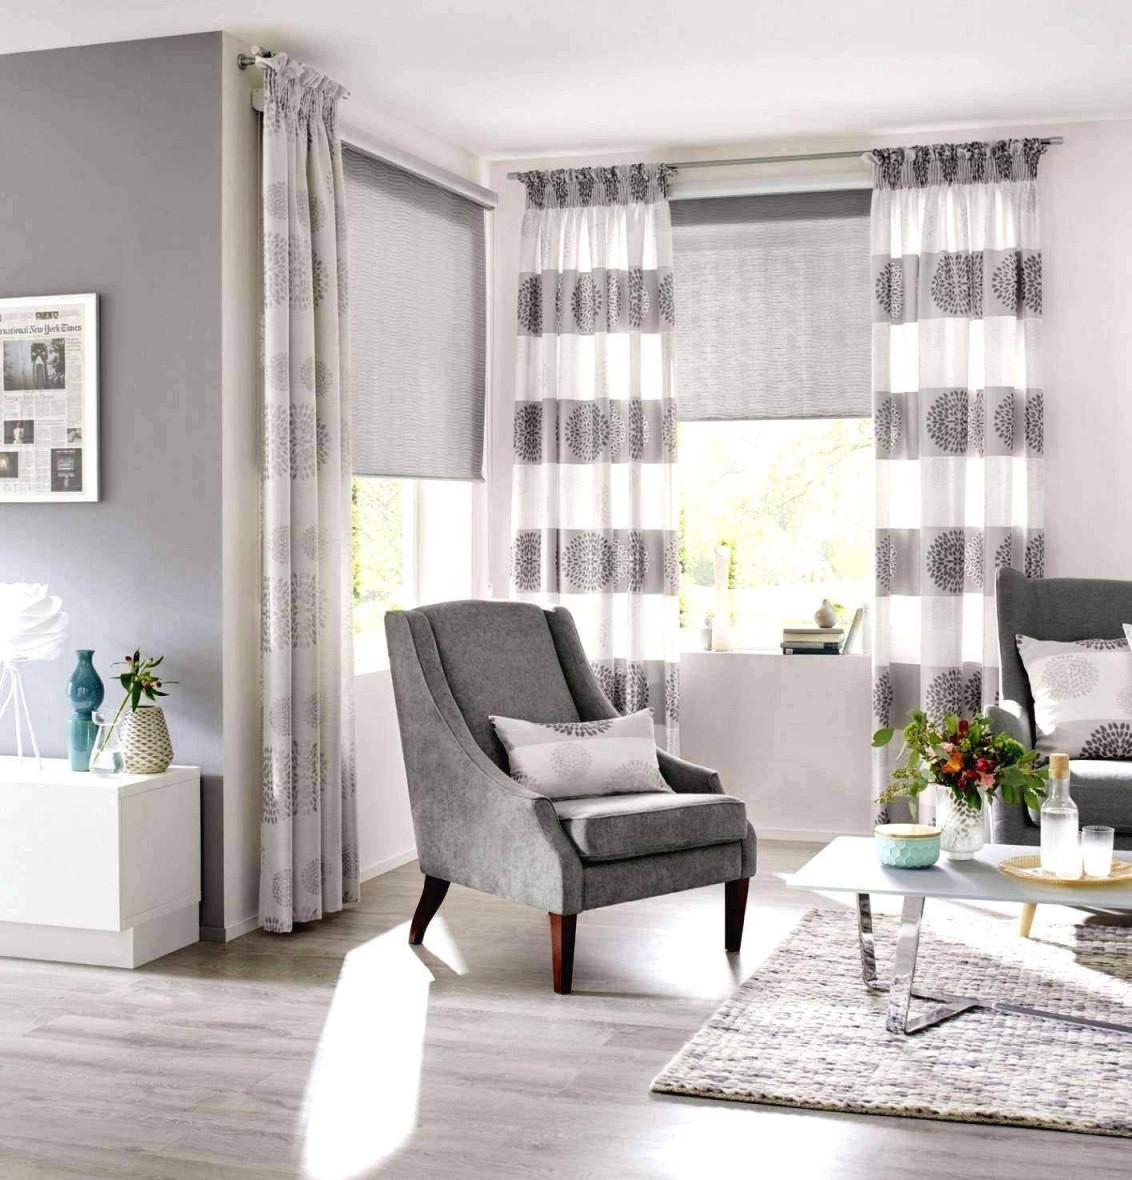 31 Frisch Wohnzimmer Vorhänge Ideen Reizend  Wohnzimmer Frisch von Ideen Vorhänge Wohnzimmer Photo